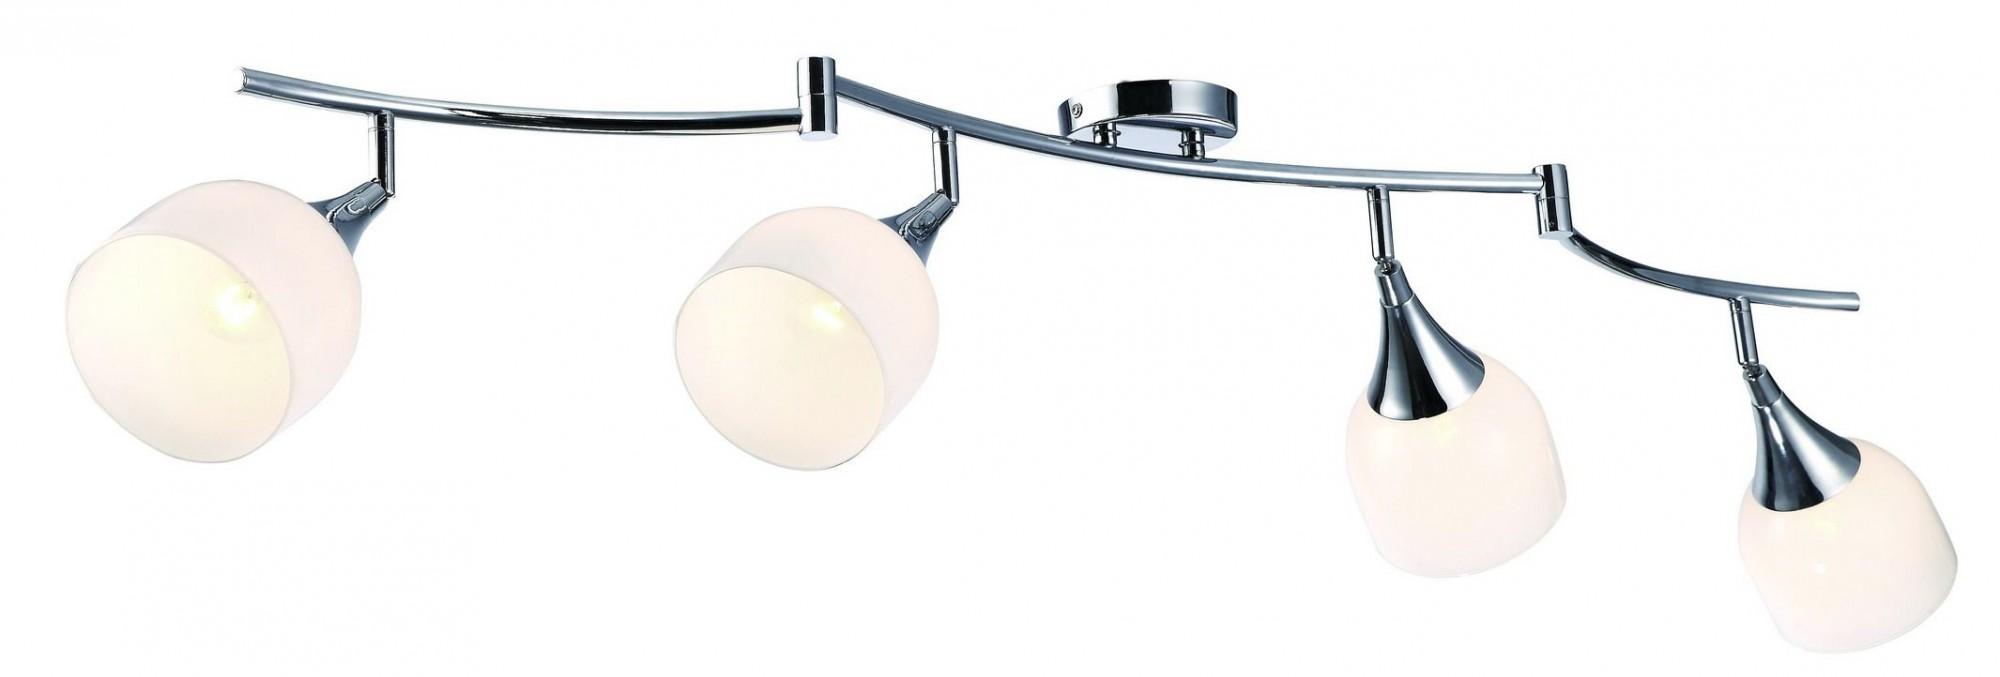 Фото товара A9556PL-4CC Arte Lamp